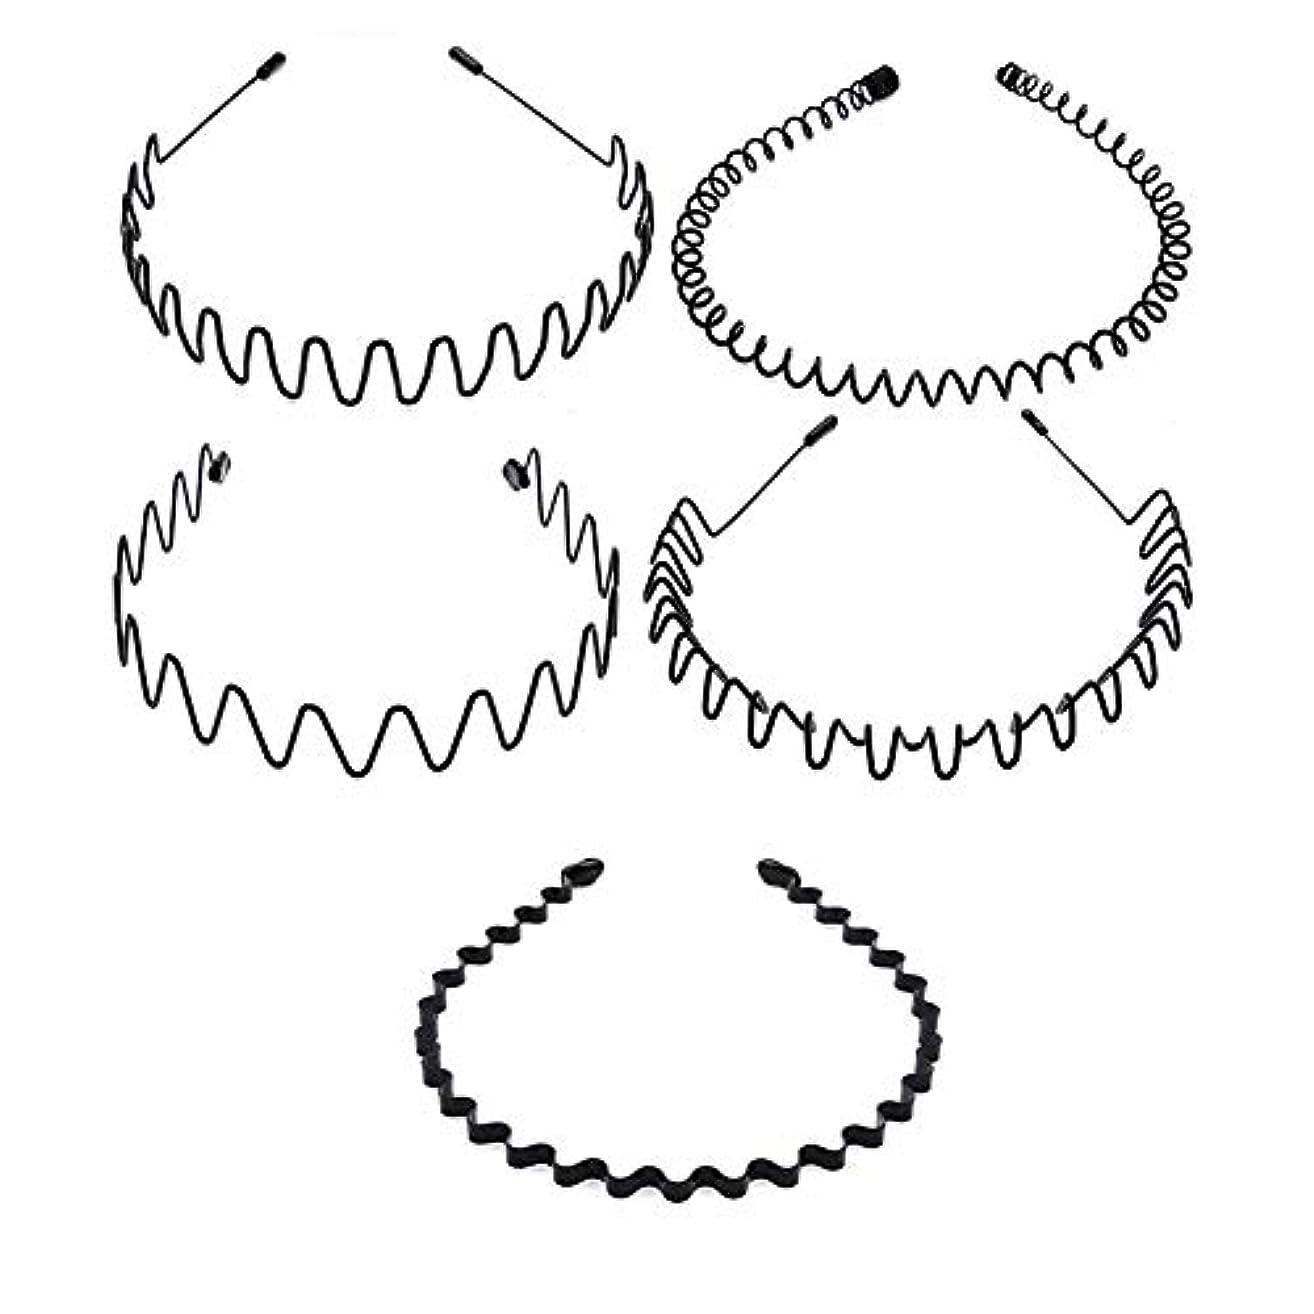 メモ異常精緻化5種類のシンプルな波状ヘッドバンド 非常にニュートラルなヘアクリップ 男性と女性の両方が使用可能 黒